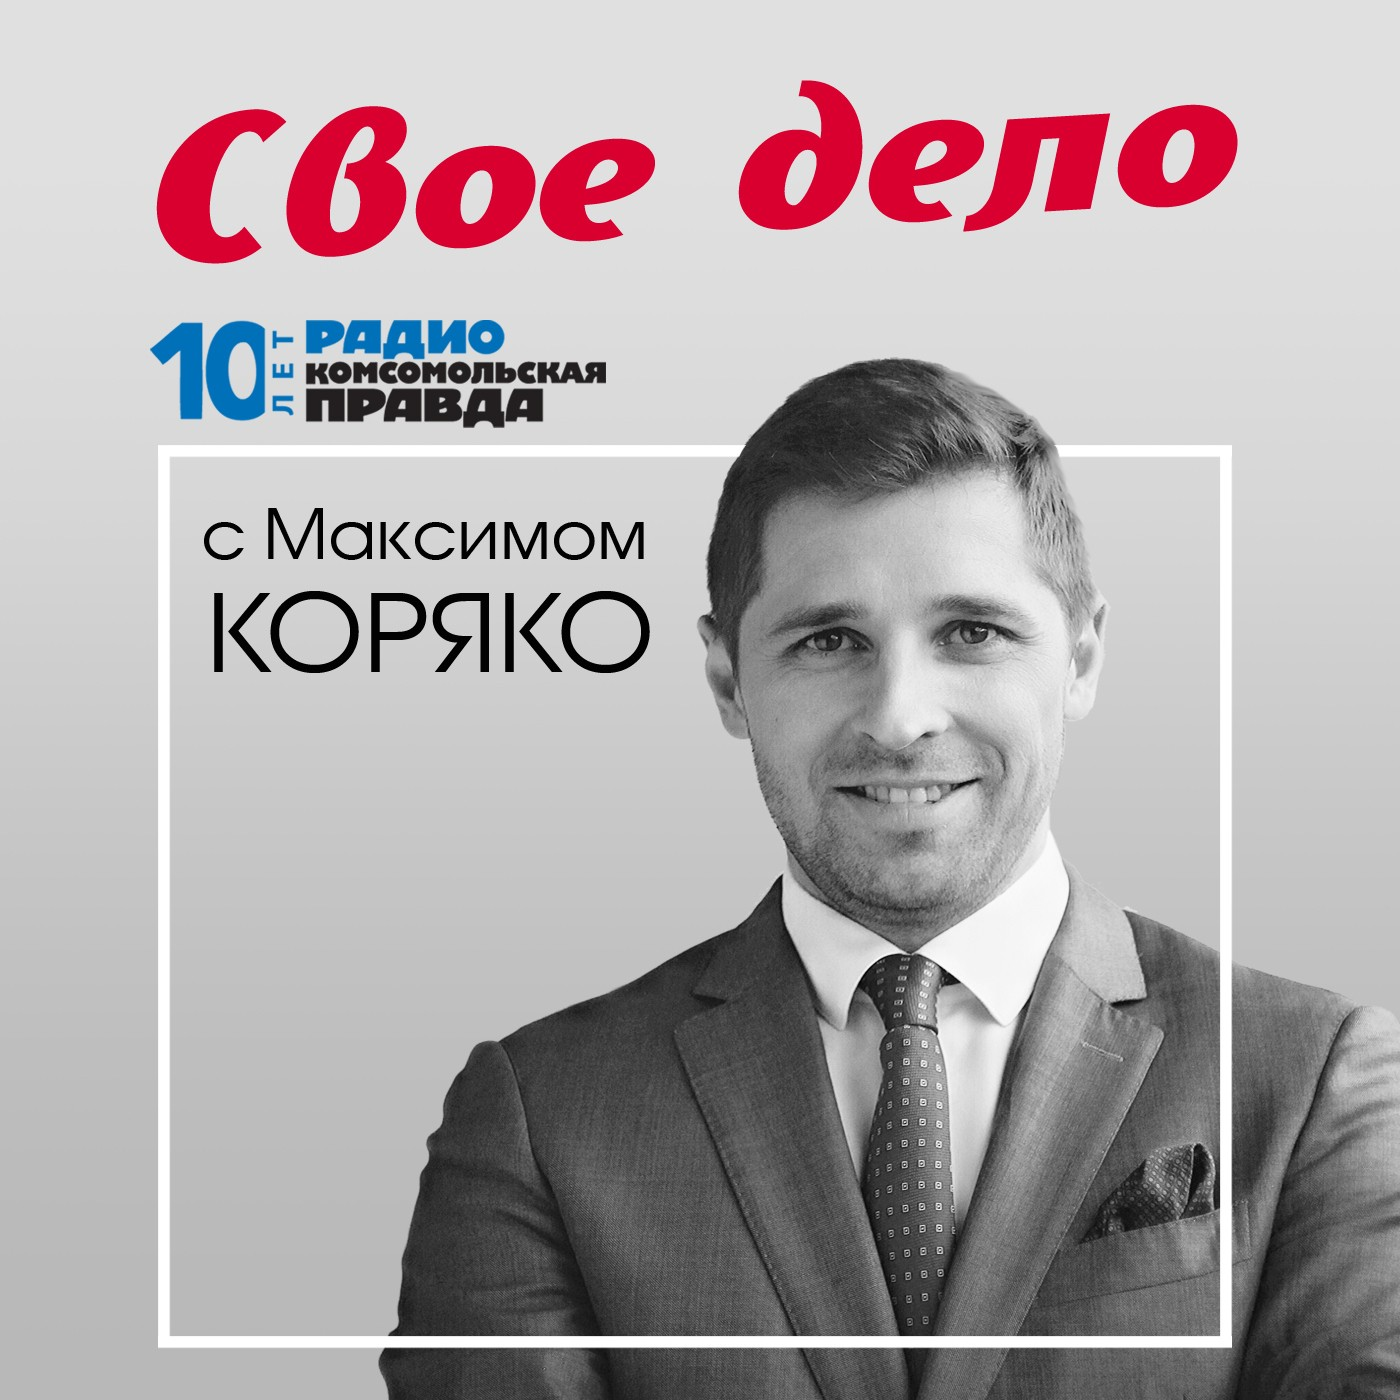 Радио «Комсомольская правда» Сделайте мне красиво! Как зарабатывать на организации праздничных мероприятий цена